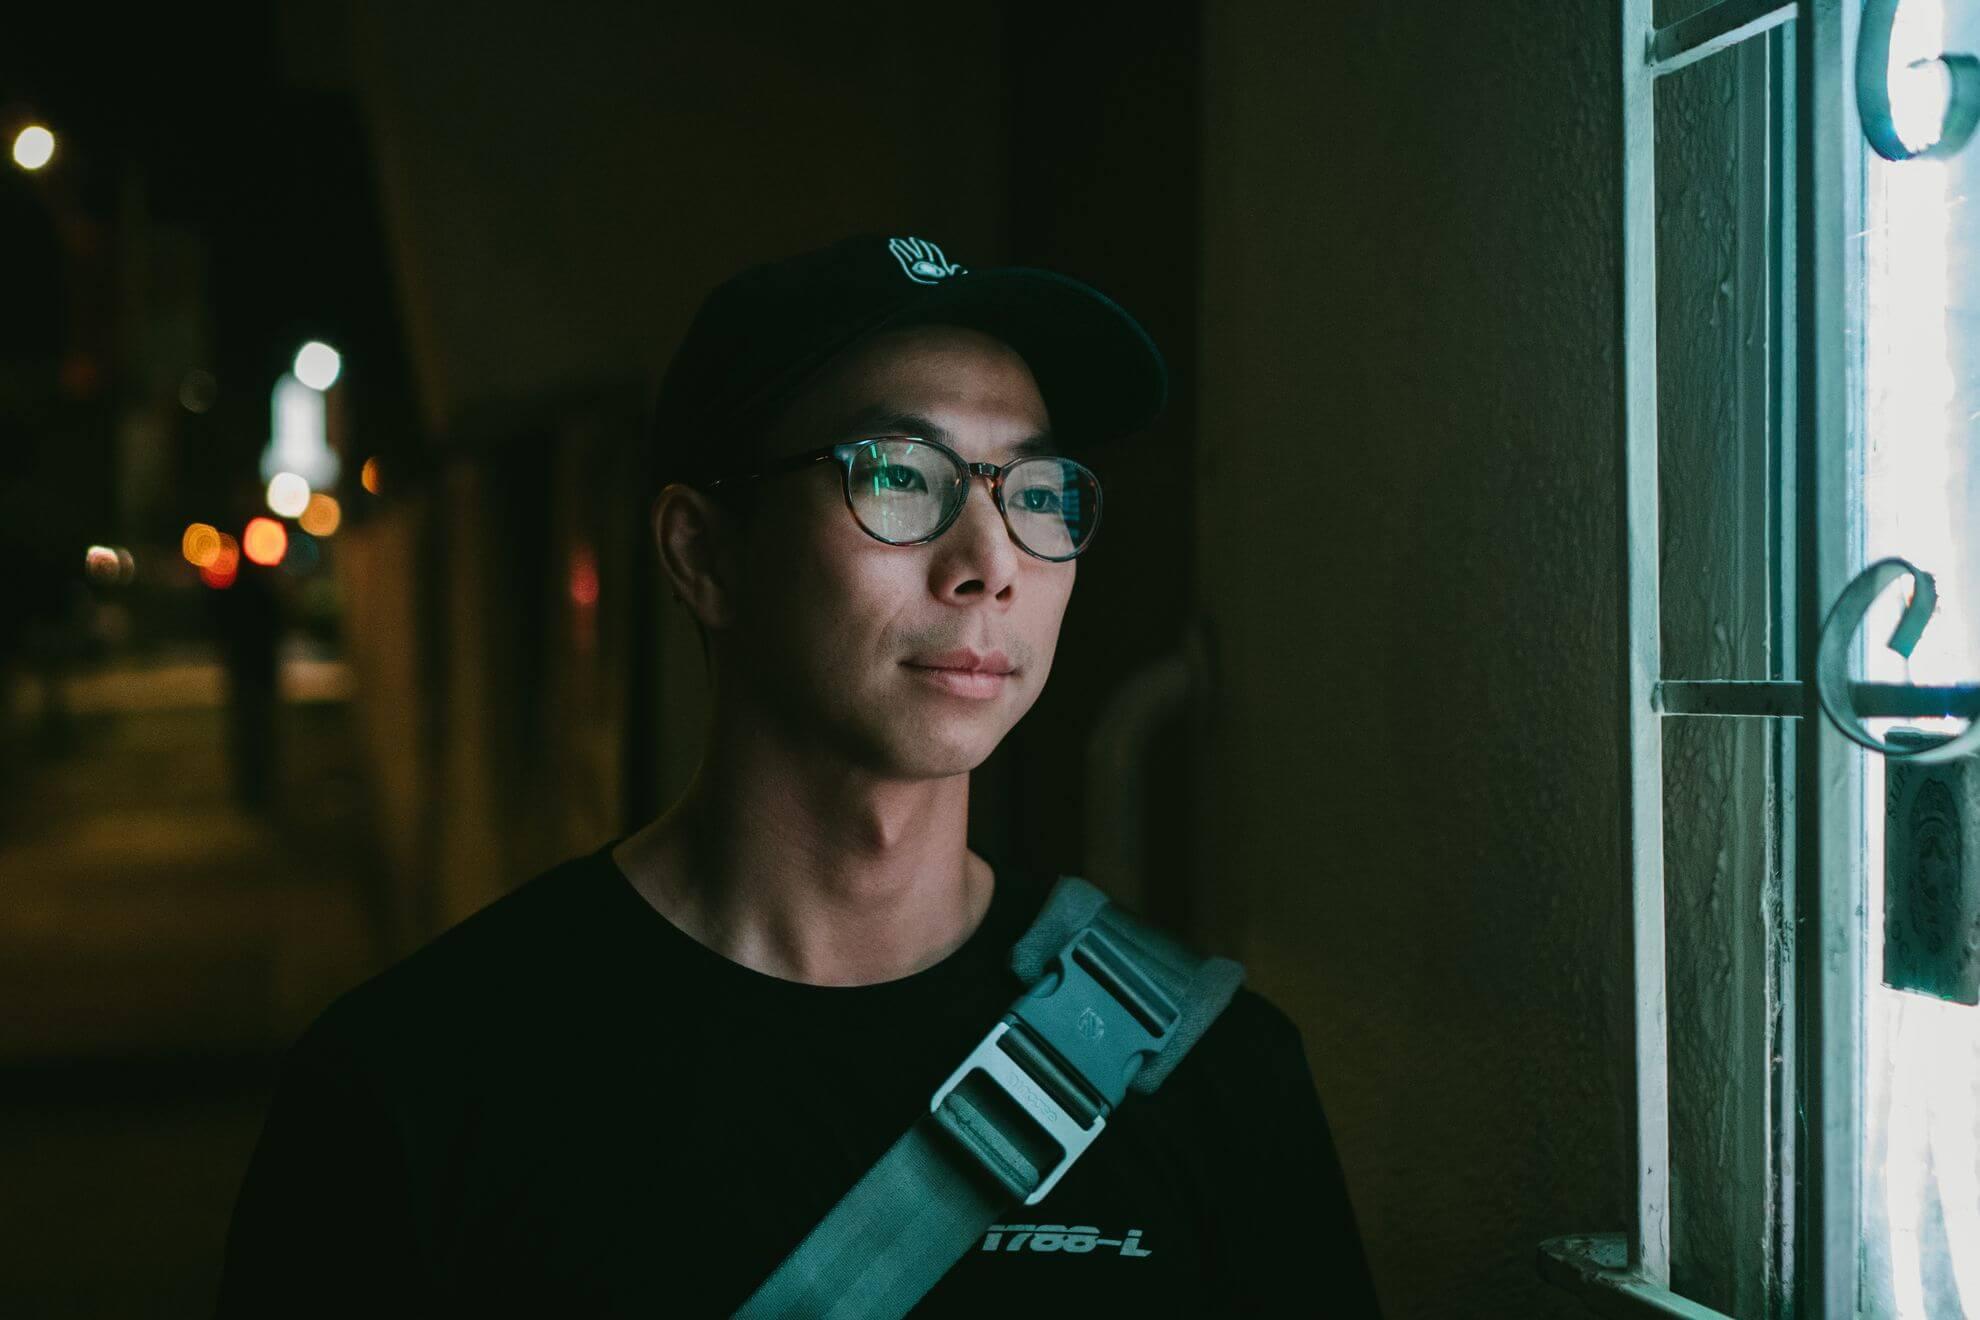 An Asian man